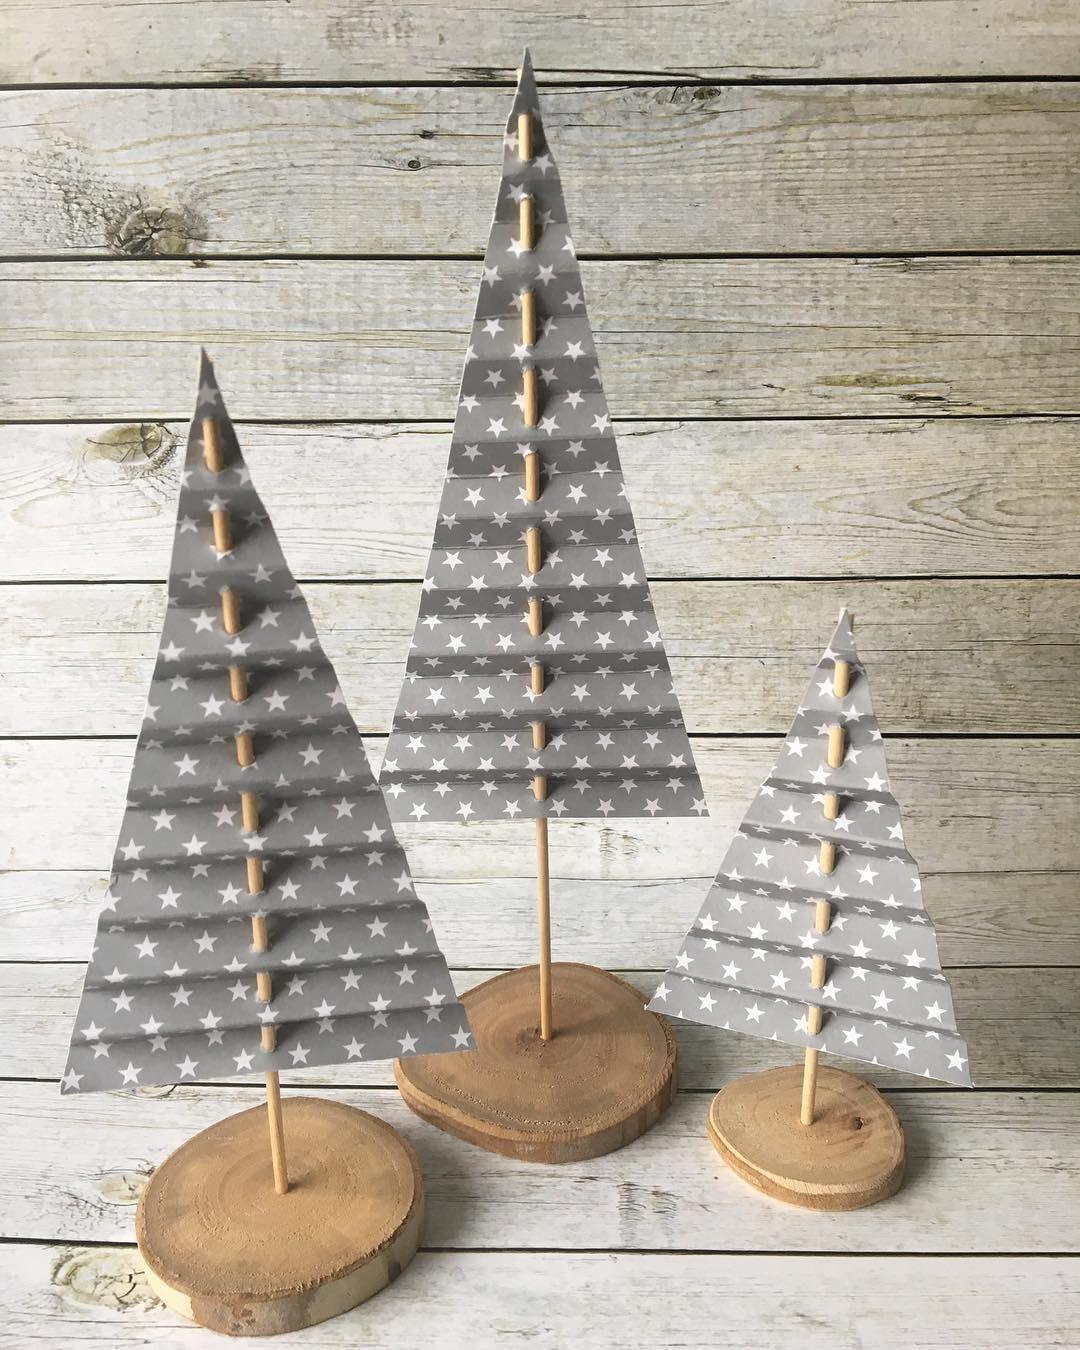 Weihnachtliche Deko...diese schöne Idee stammt von @janas_bastelwelt #basteln #weihnachten #deko #dekoideen #tannenbaum #janasbastelwelt #rustikaleweihnachten